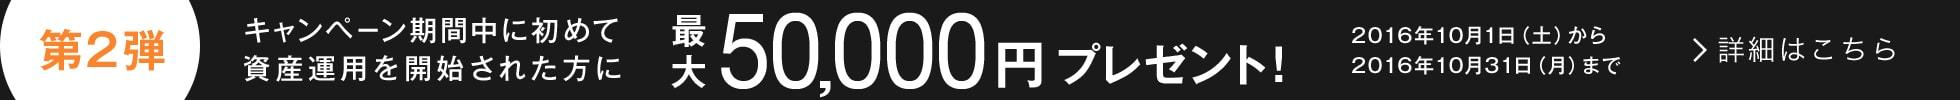 キャンペーン第2弾:キャンペーン期間中に初めて資産運用を開始された方に最大50,000円プレゼント!2016年10月1日(土)から2016年10月31日(月)まで